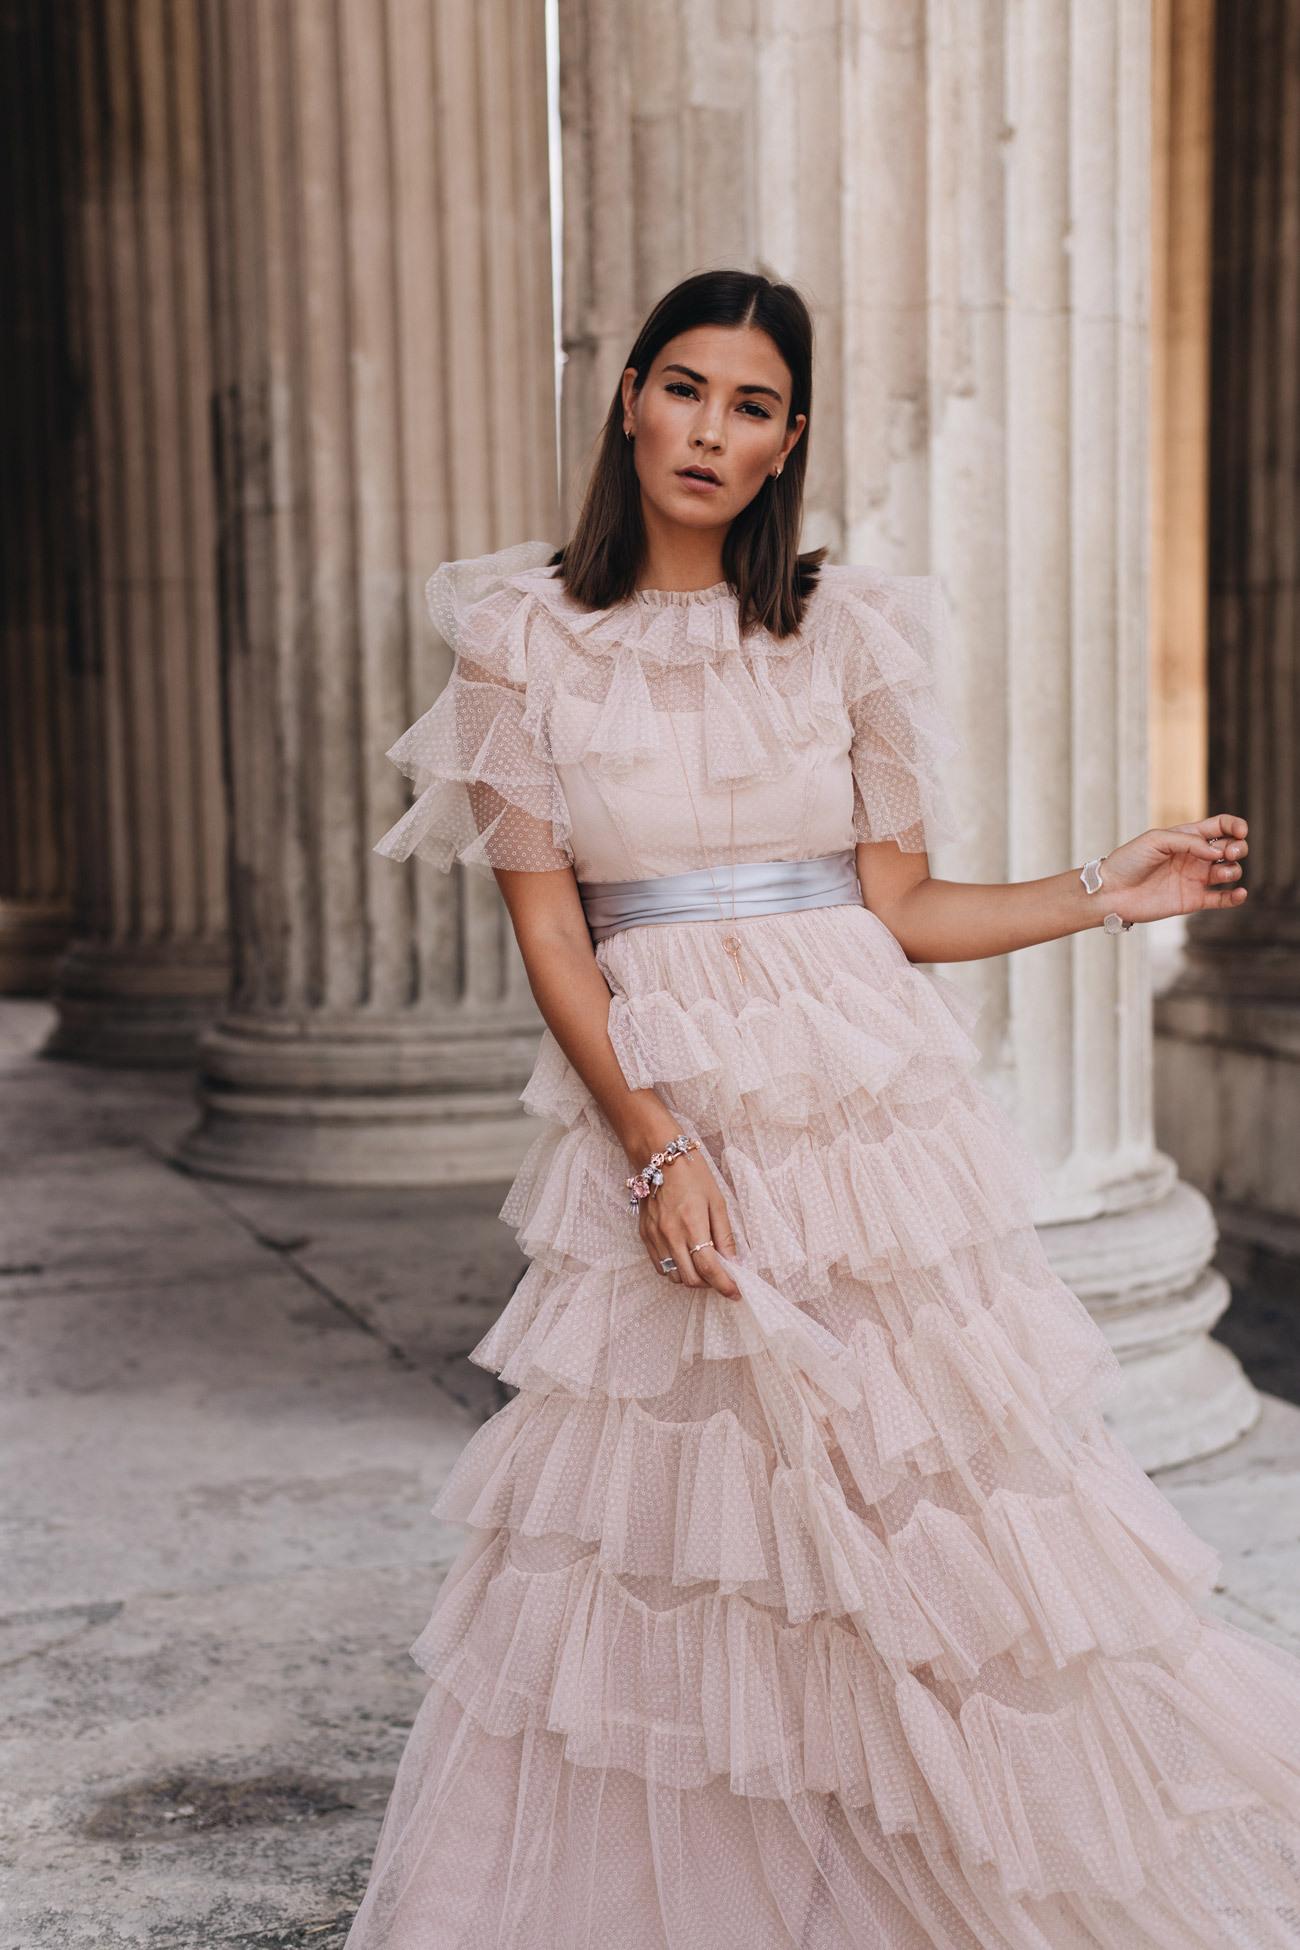 Dresscode Für Feierliche Anlässe: Kleider Für Abiball - Abendkleid